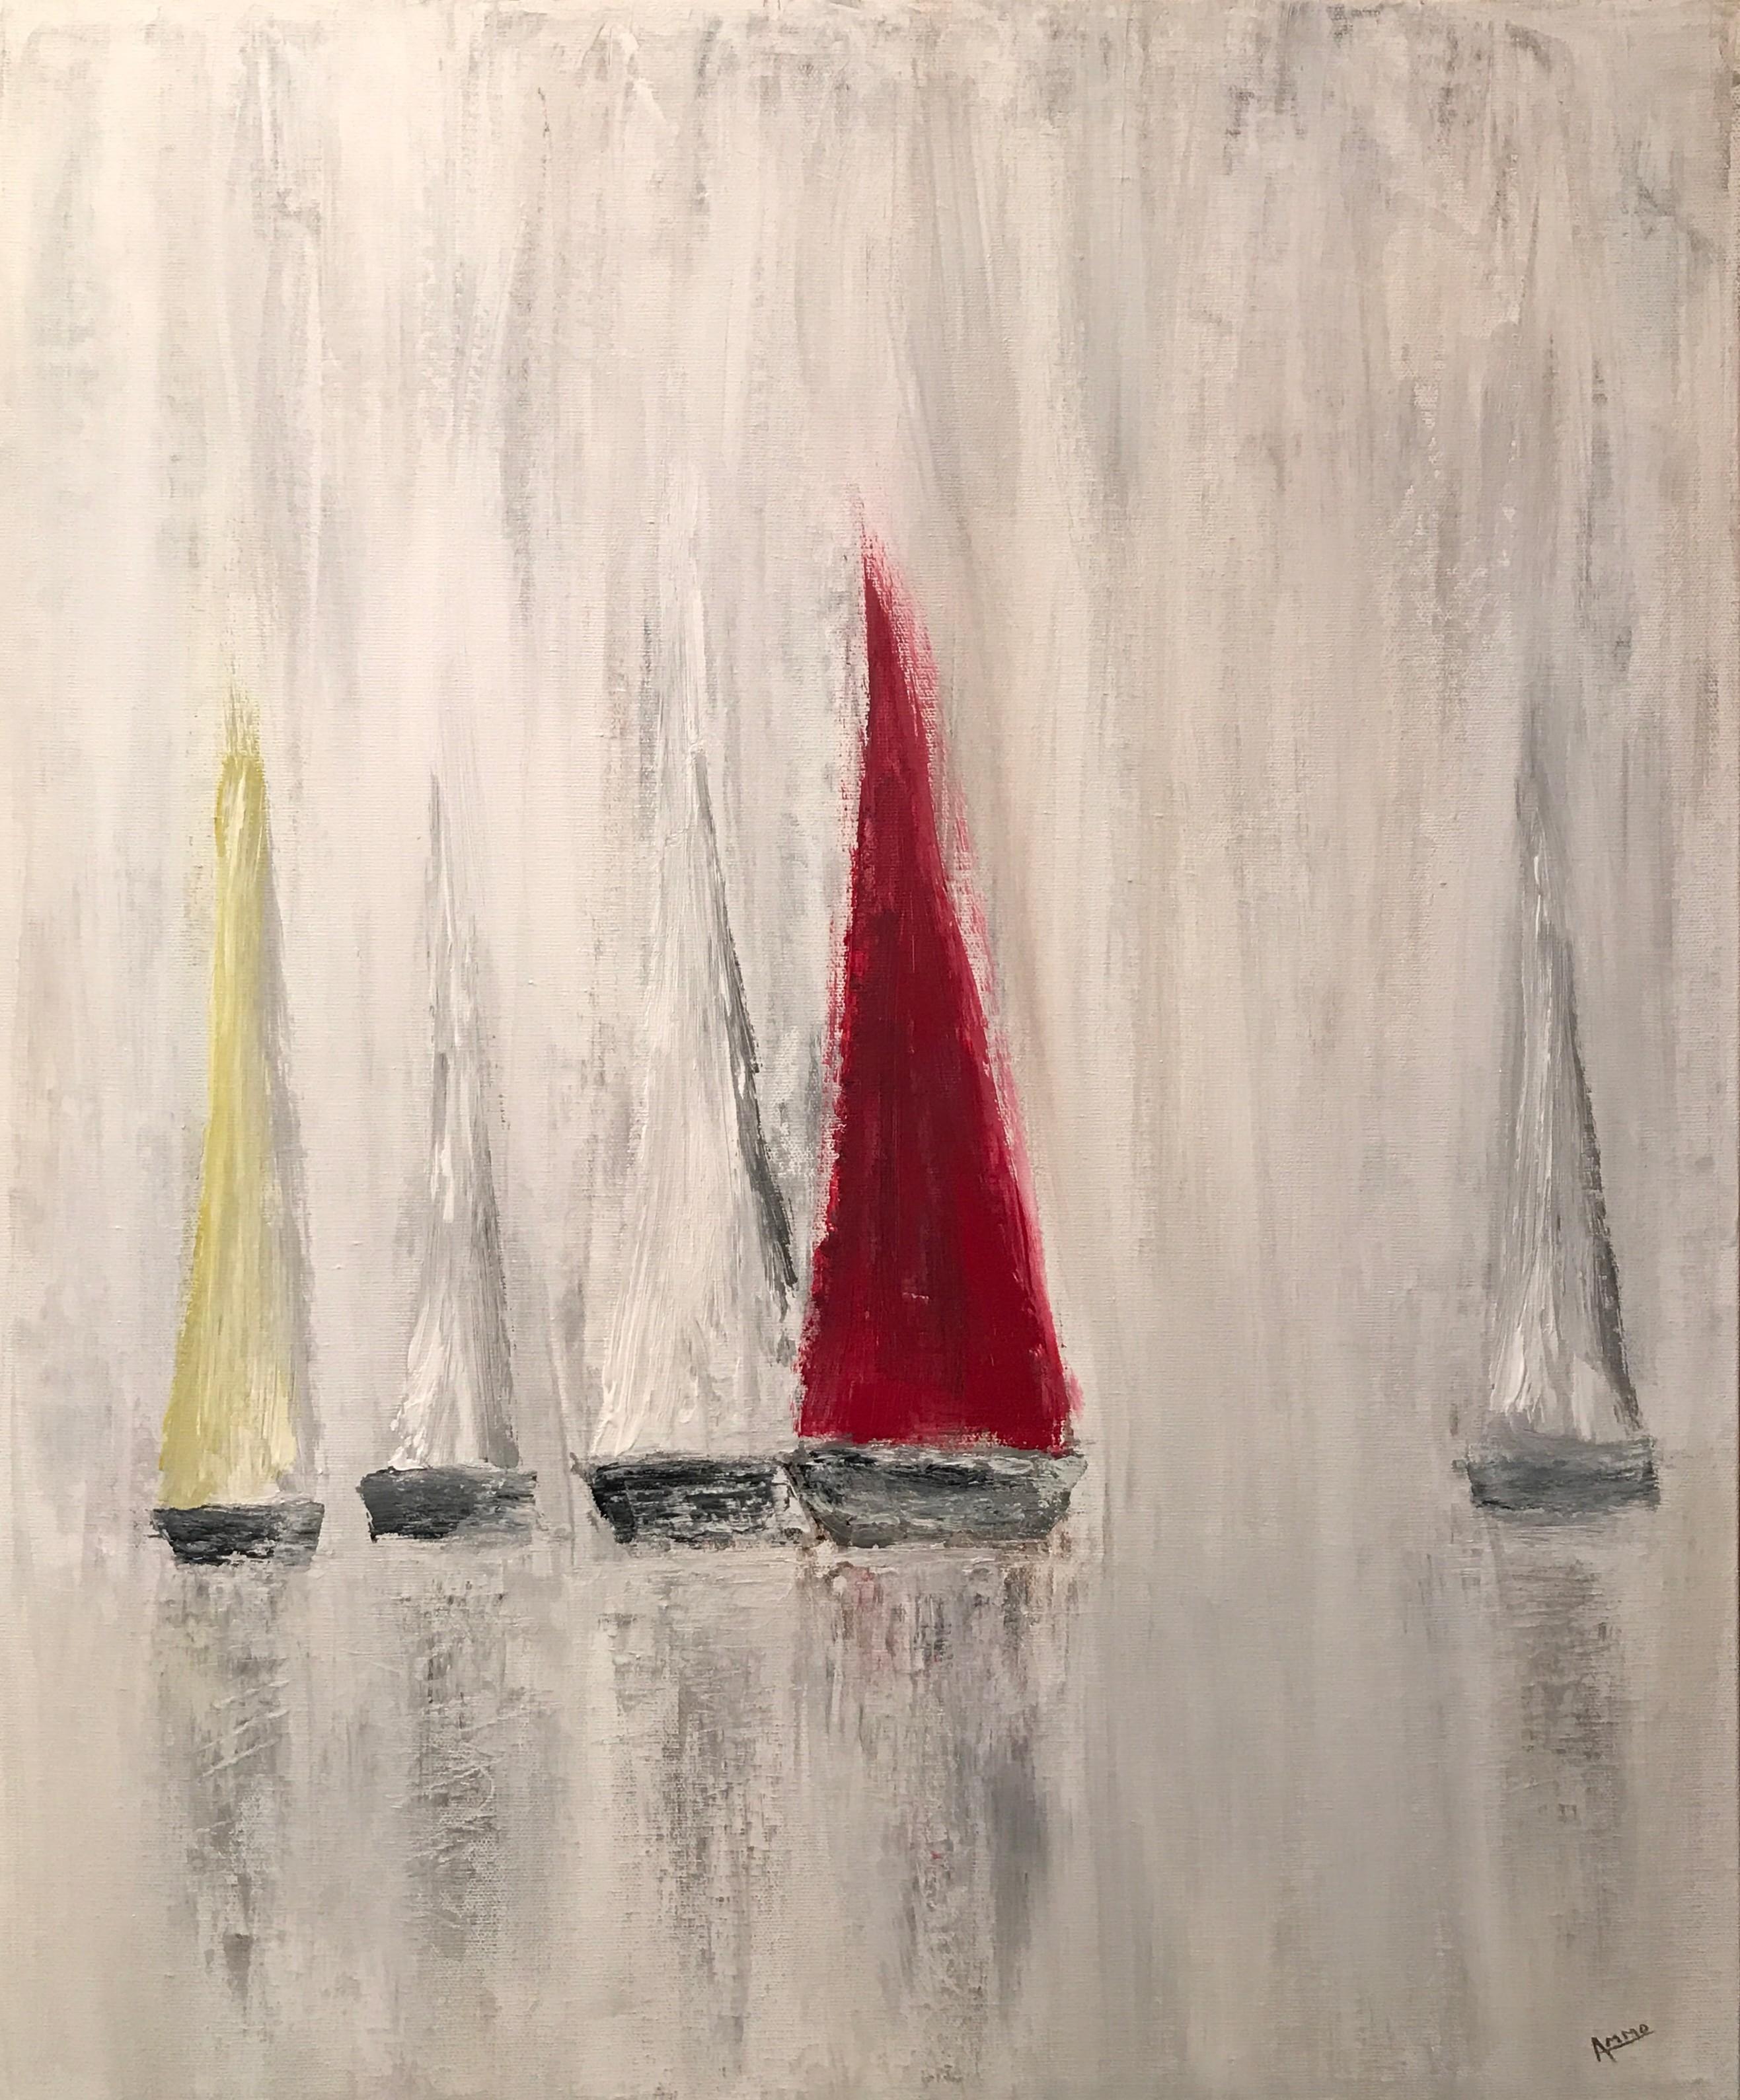 114_Set Sail